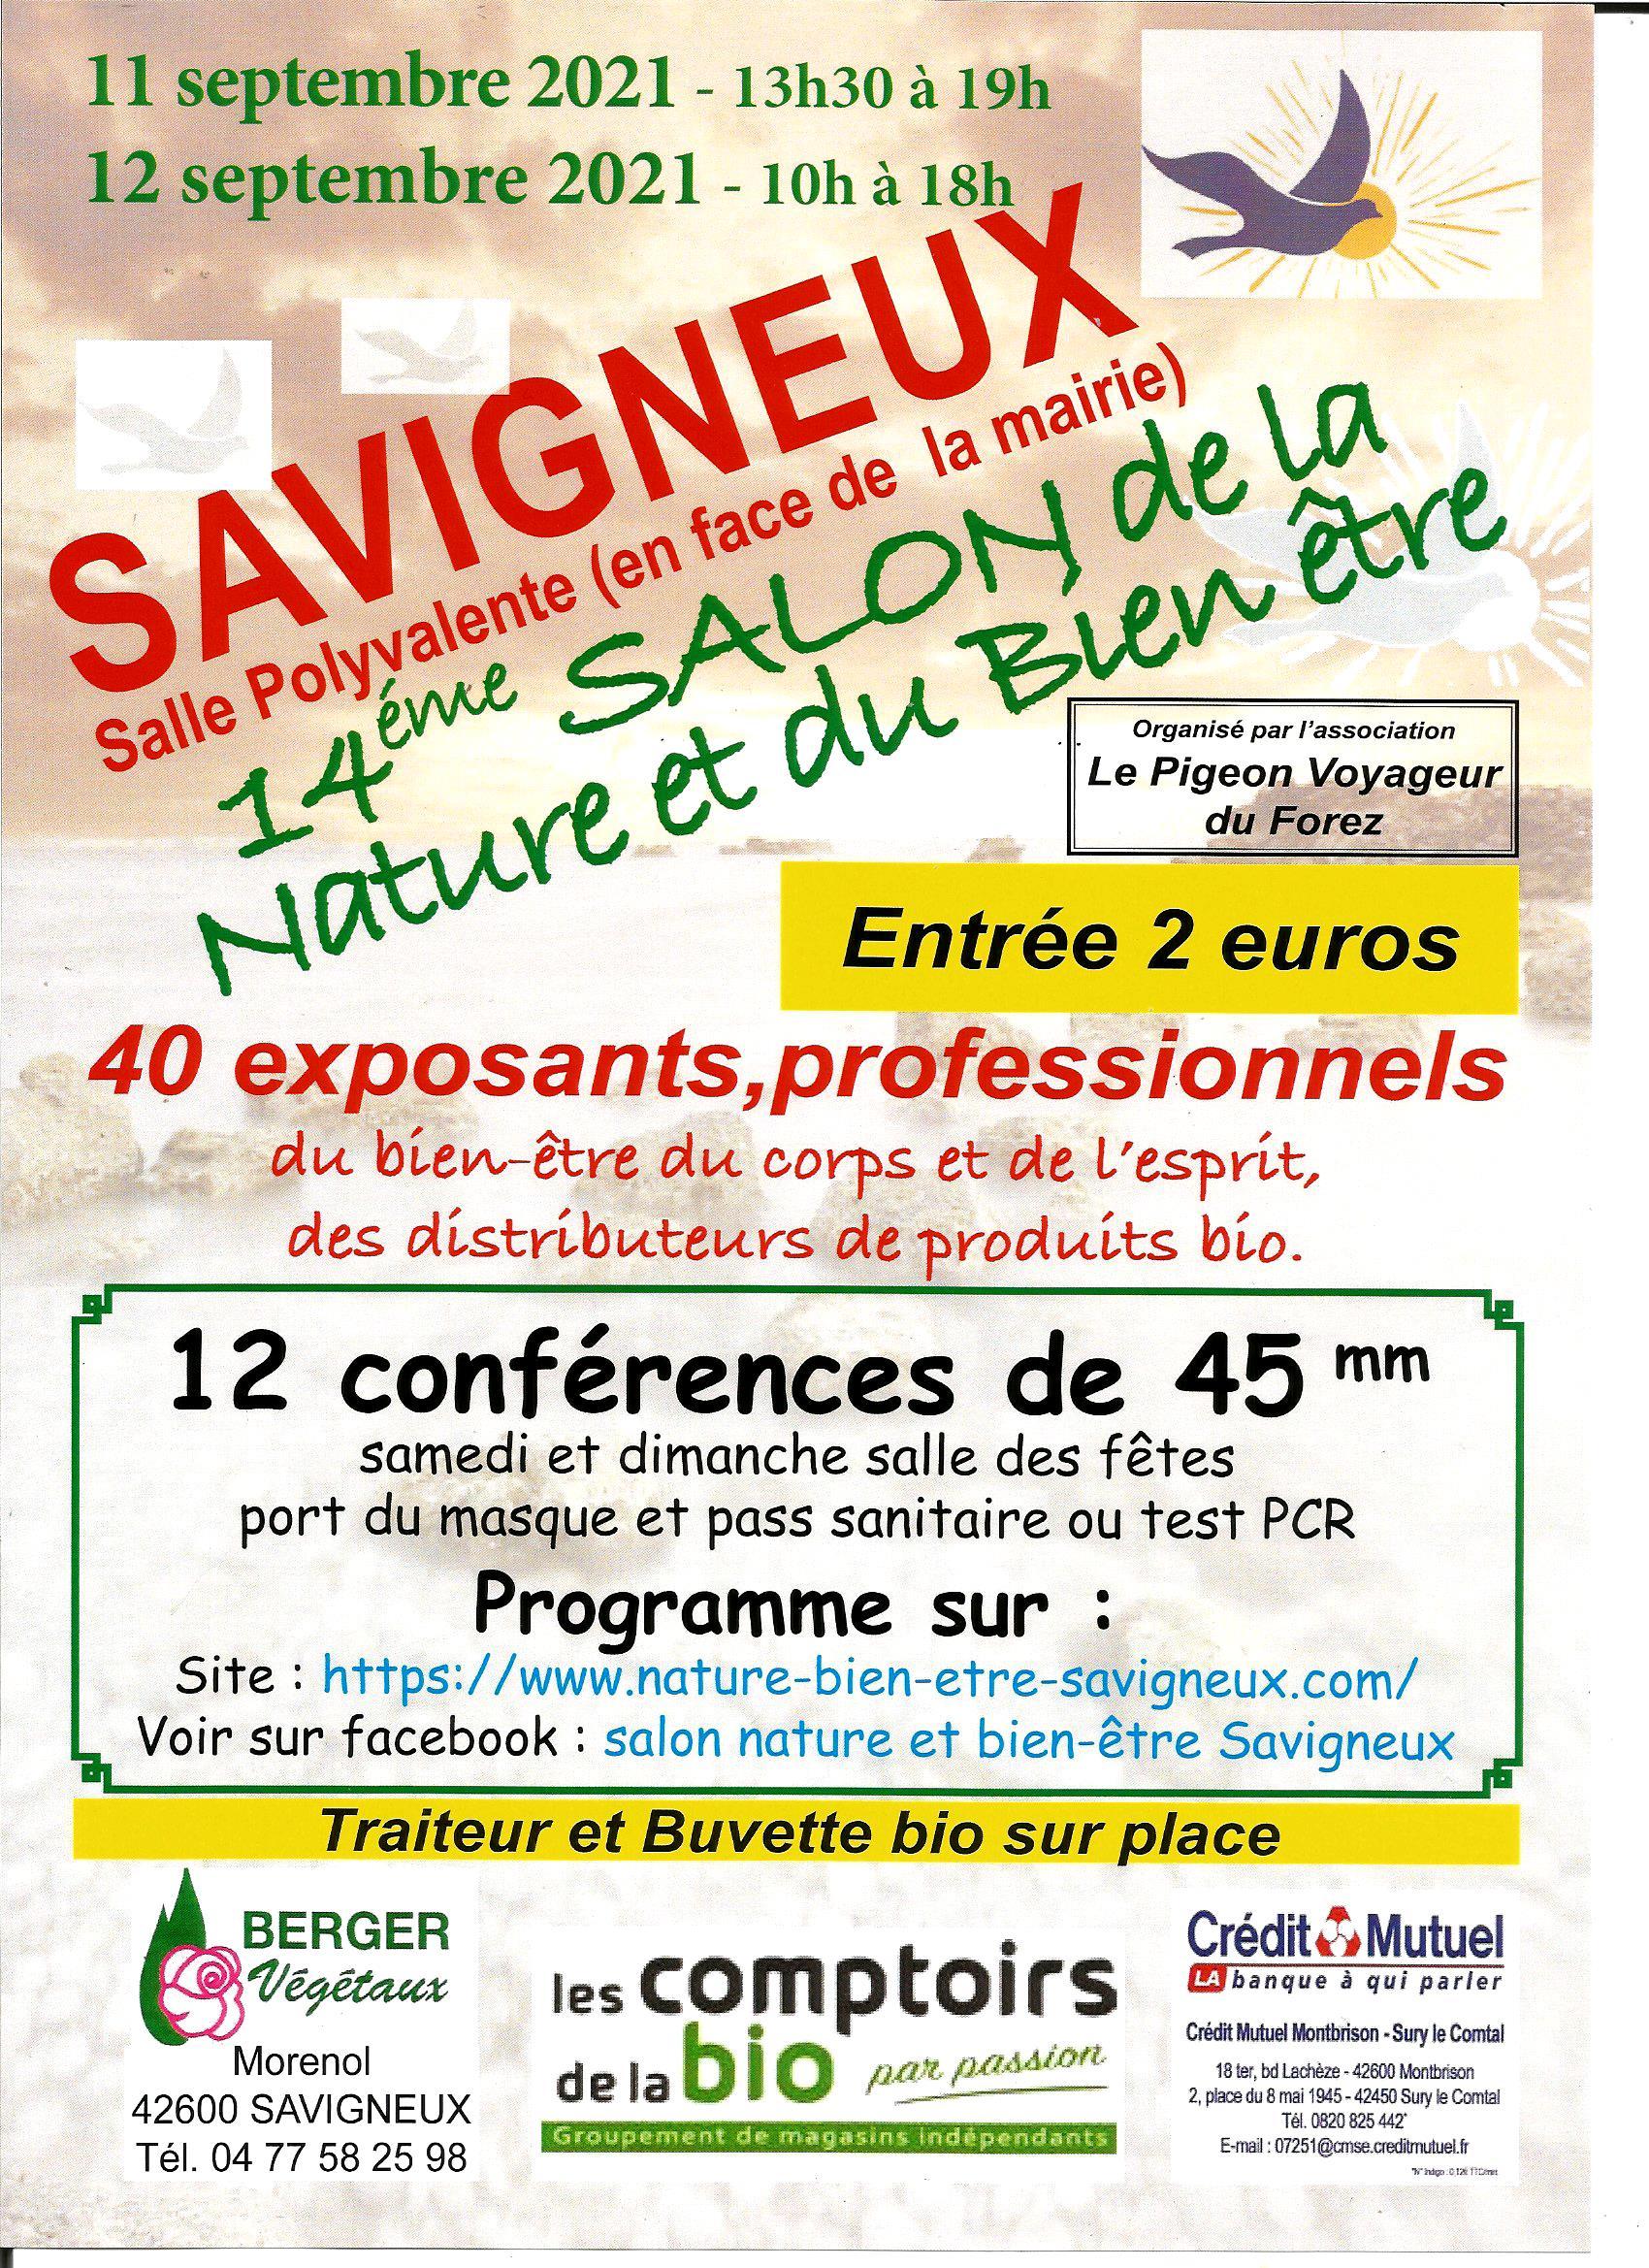 Salon Bien-être Savigneux 11-12/09/2021